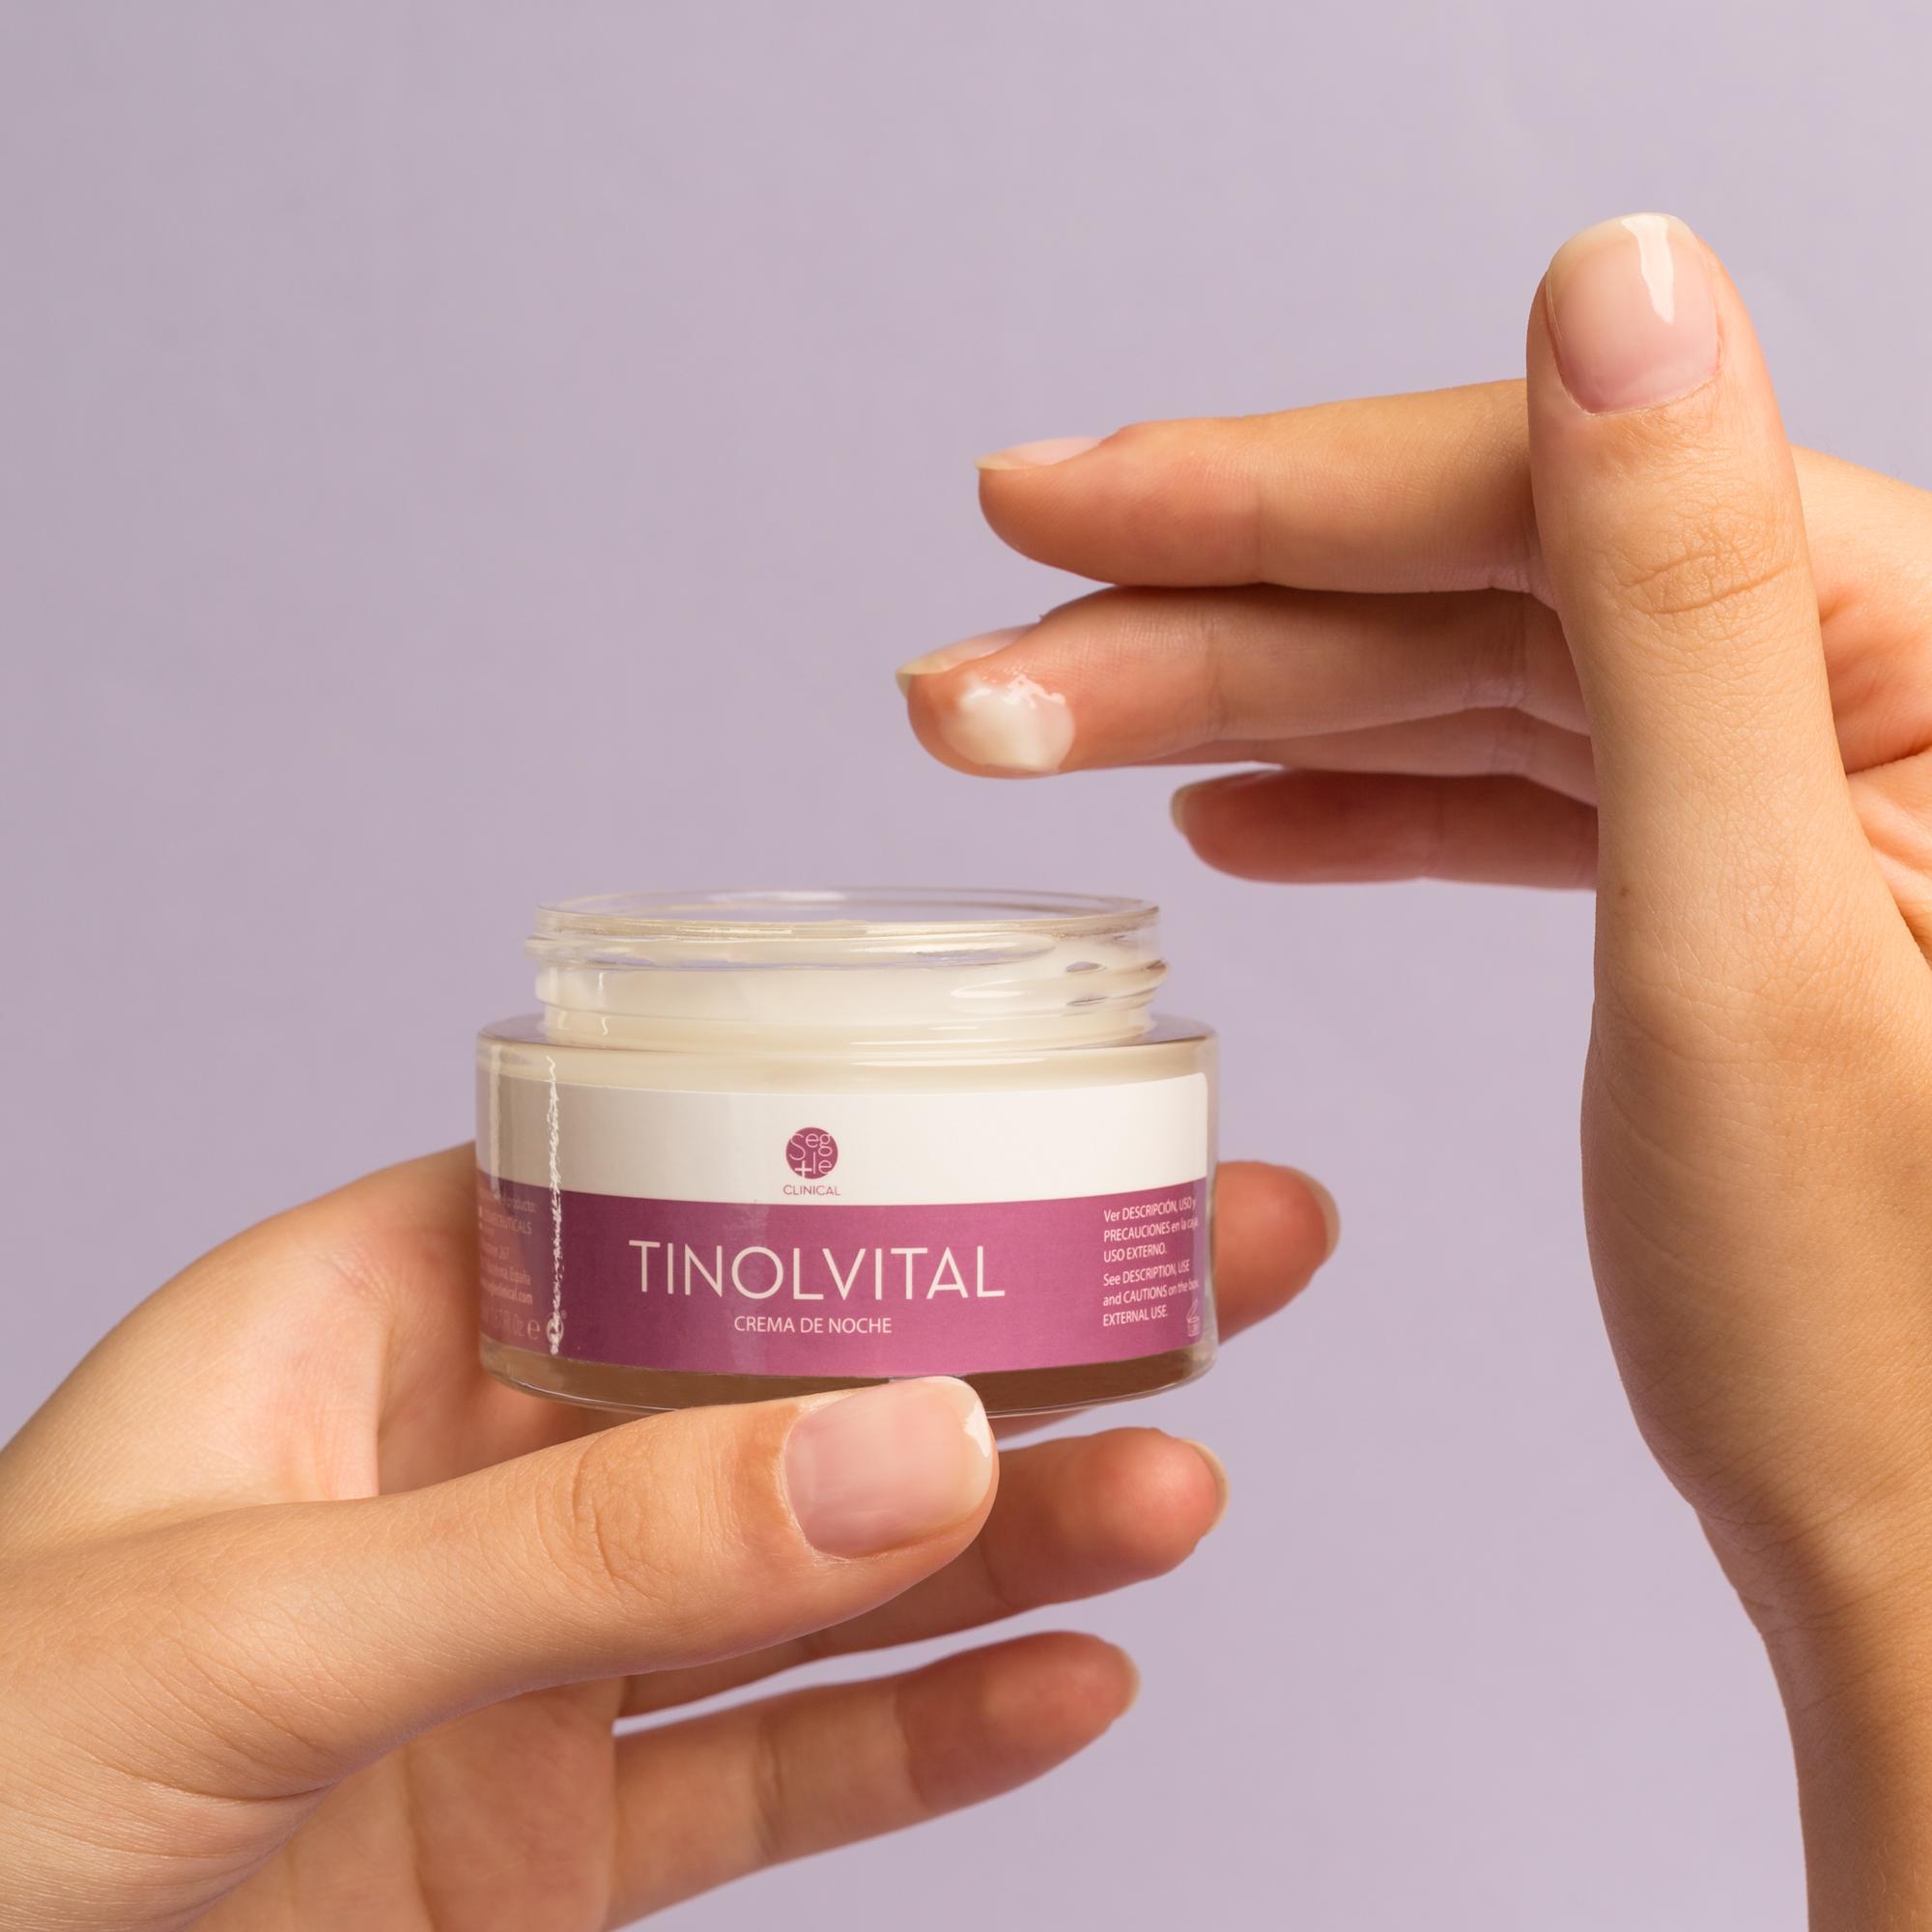 Foto con modelo crema tinolvital